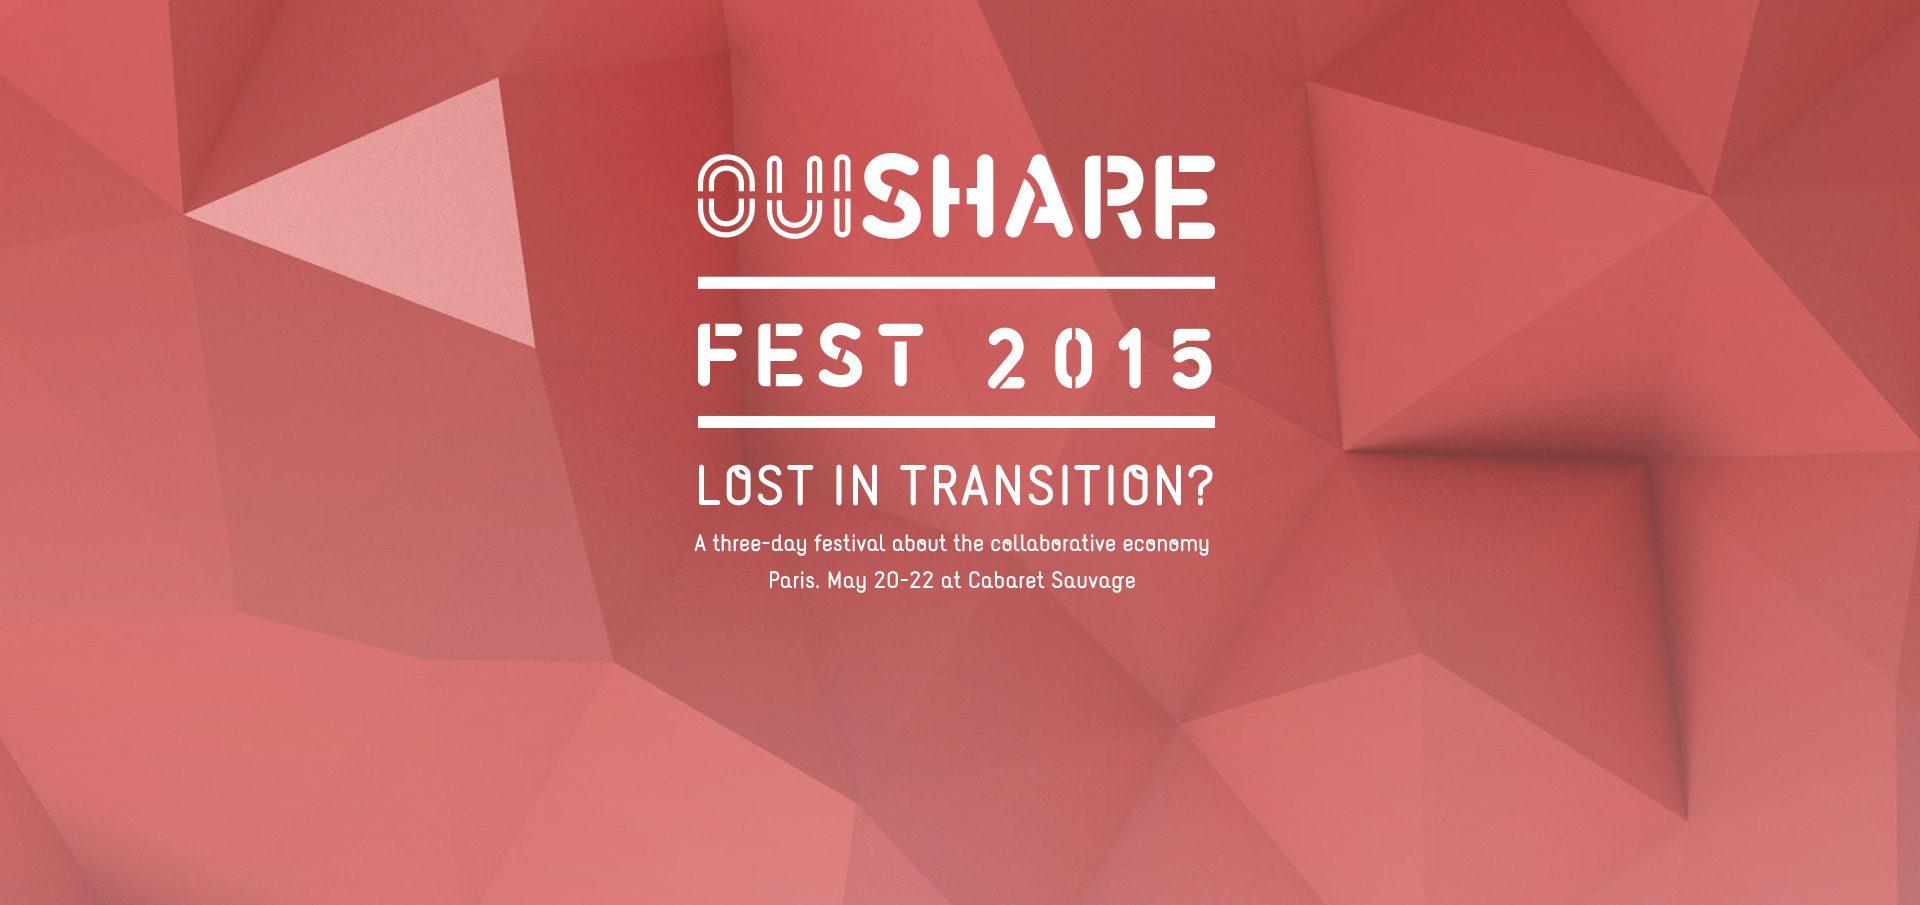 Ouishare fest : les enjeux de l'économie collaborative